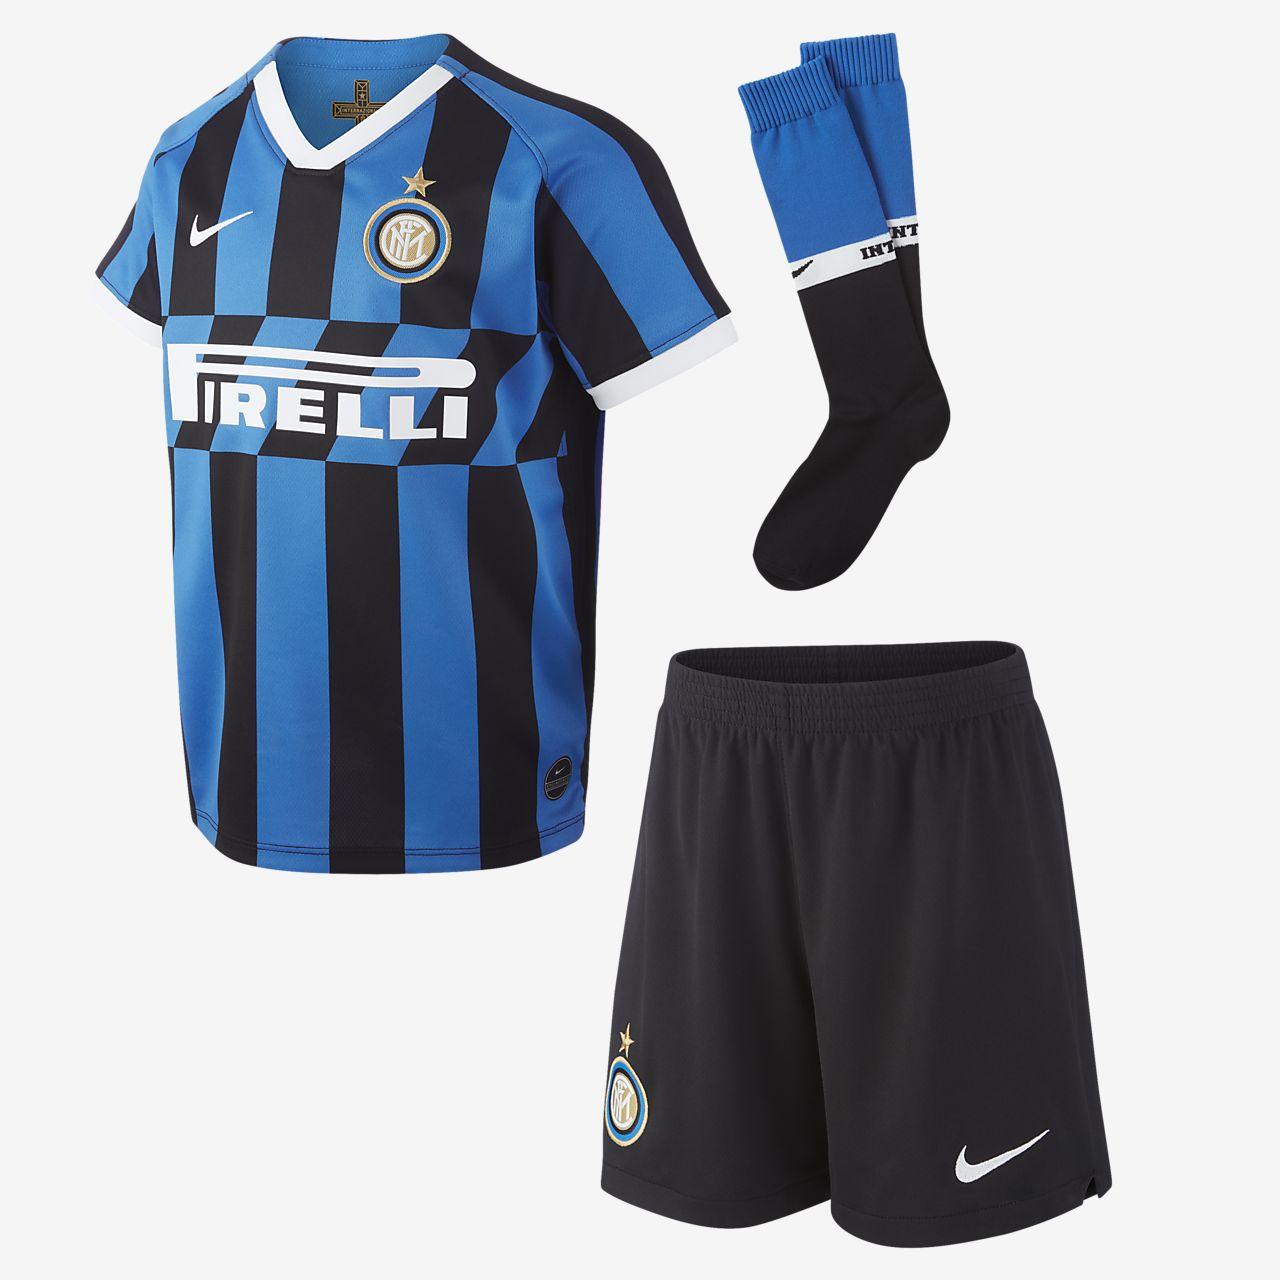 Tenue de football Inter Milan 2019/20 Home pour Jeune enfant